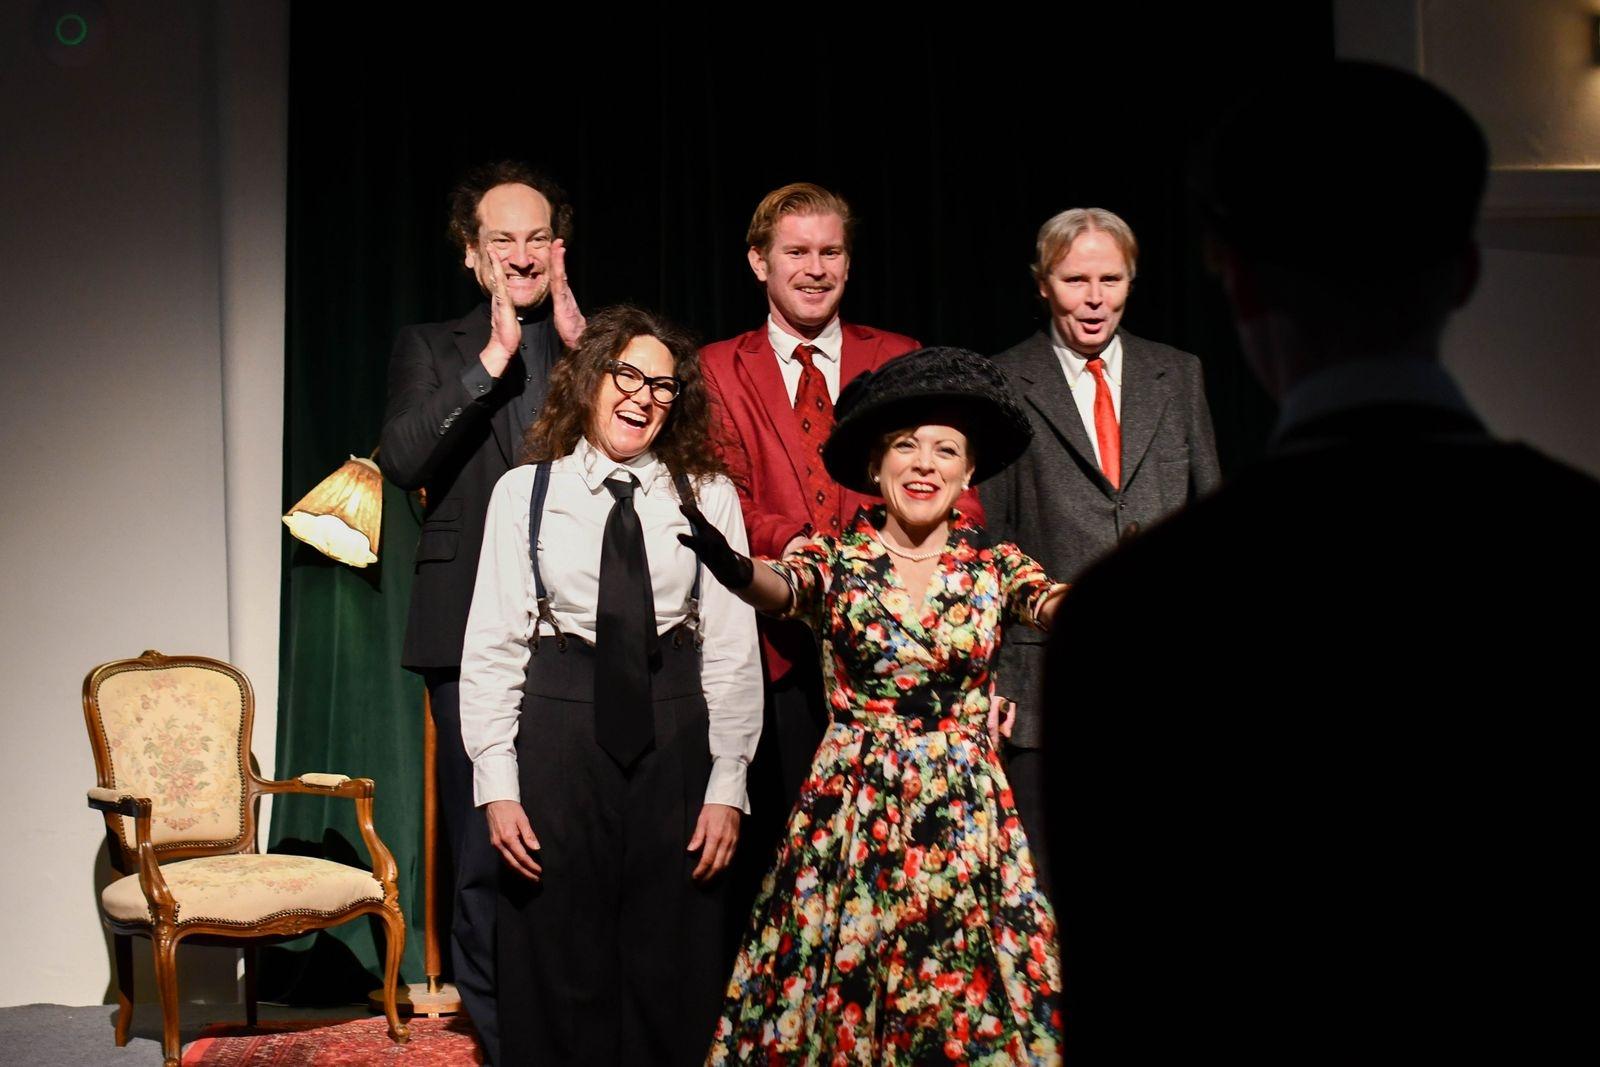 """Nästa projekt, efter mordgåtan, för Ystad Stadsteater blir farsen """"Kors i taket"""" på Ystad Teater i april och i sommar återkommer de med sin populära vandrande föreställning."""